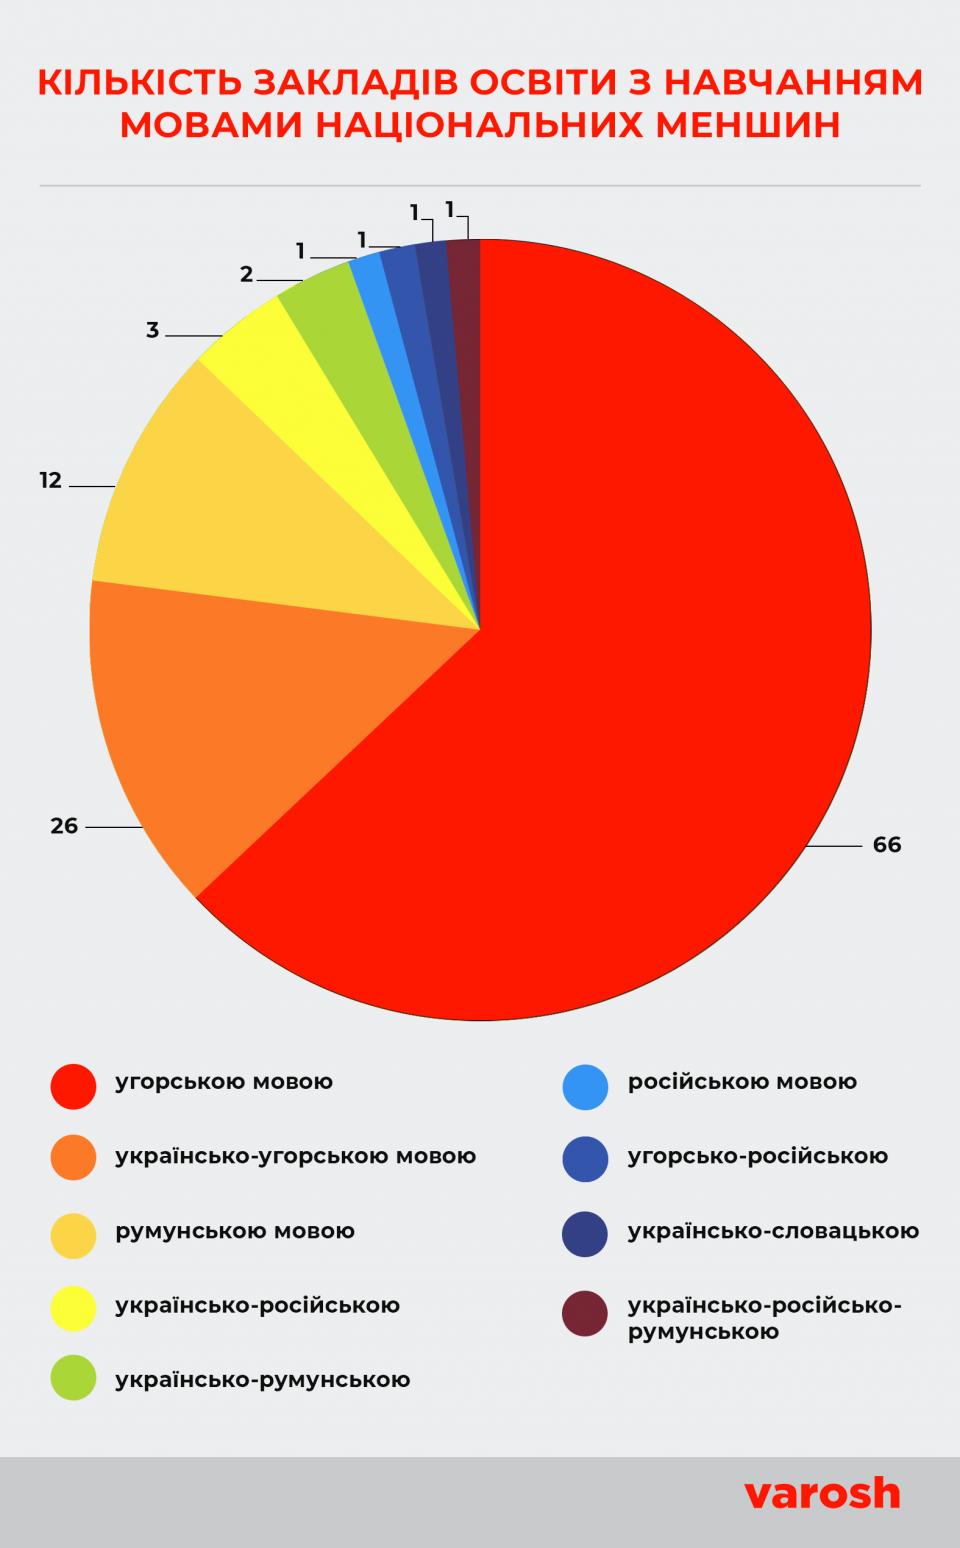 кількість закладів освіти з навчанням мовами національних меншин